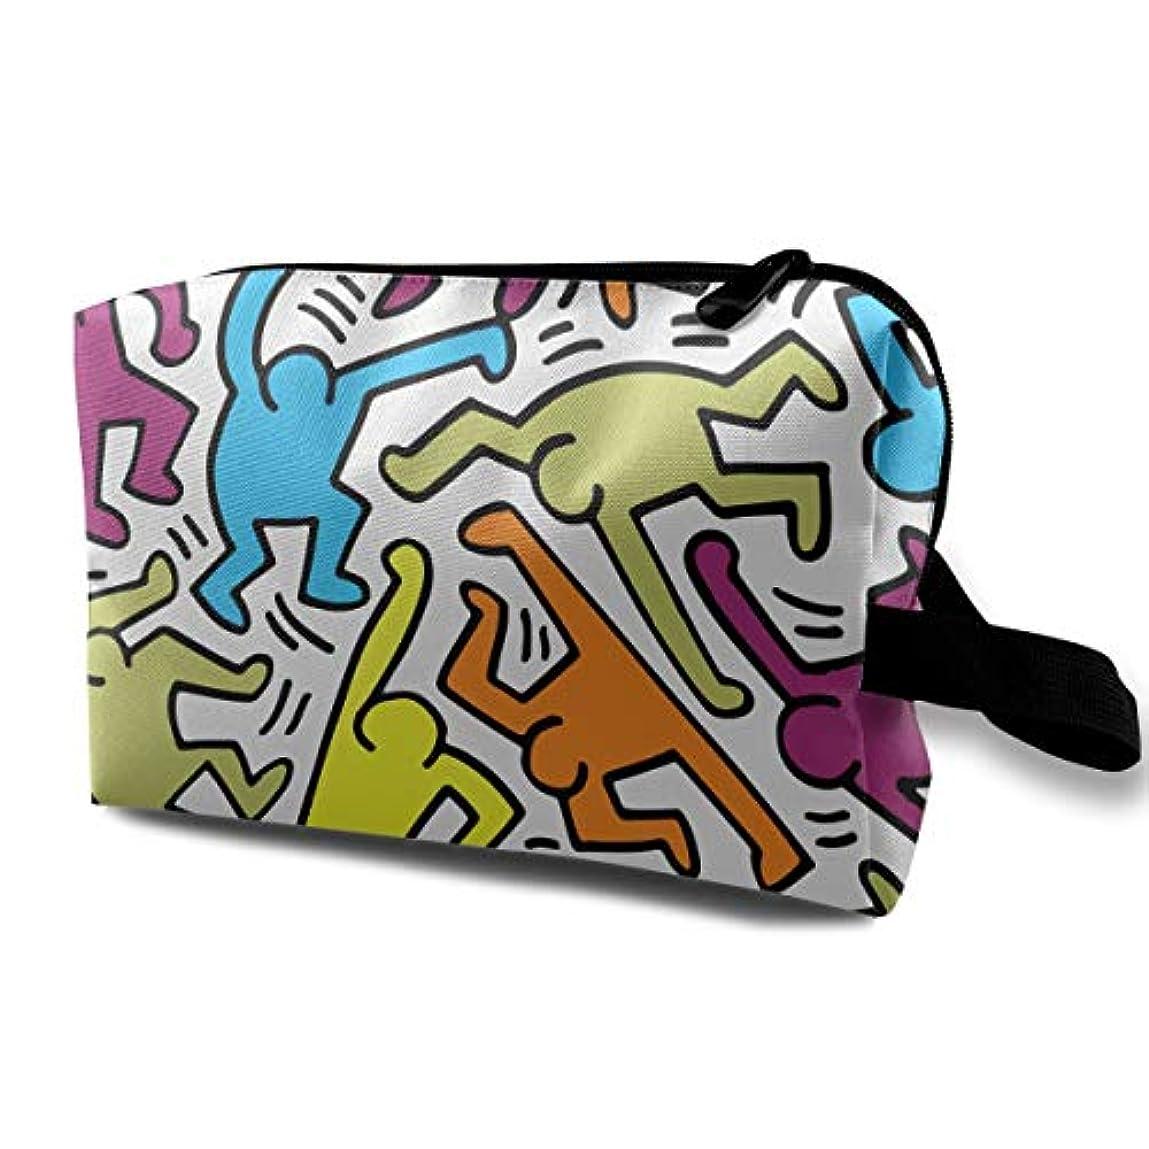 ヒップ遷移ライブアート プリント Keith Haring カラフル 化粧ポーチ メイクポーチ コスメケース 洗面用具入れ 小物入れ 大容量 化粧品収納 コスメ 出張 海外 旅行バッグ 普段使い 軽量 防水 持ち運び